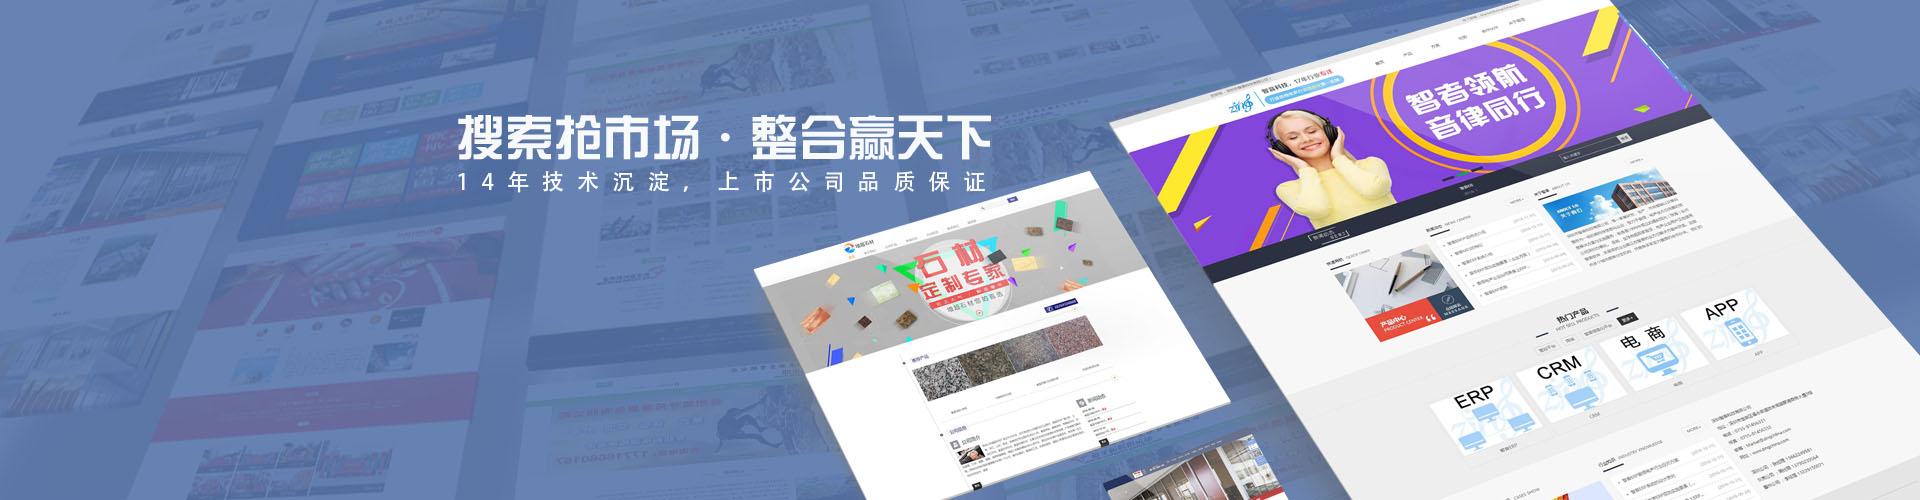 深圳市亿佳易科技有限公司